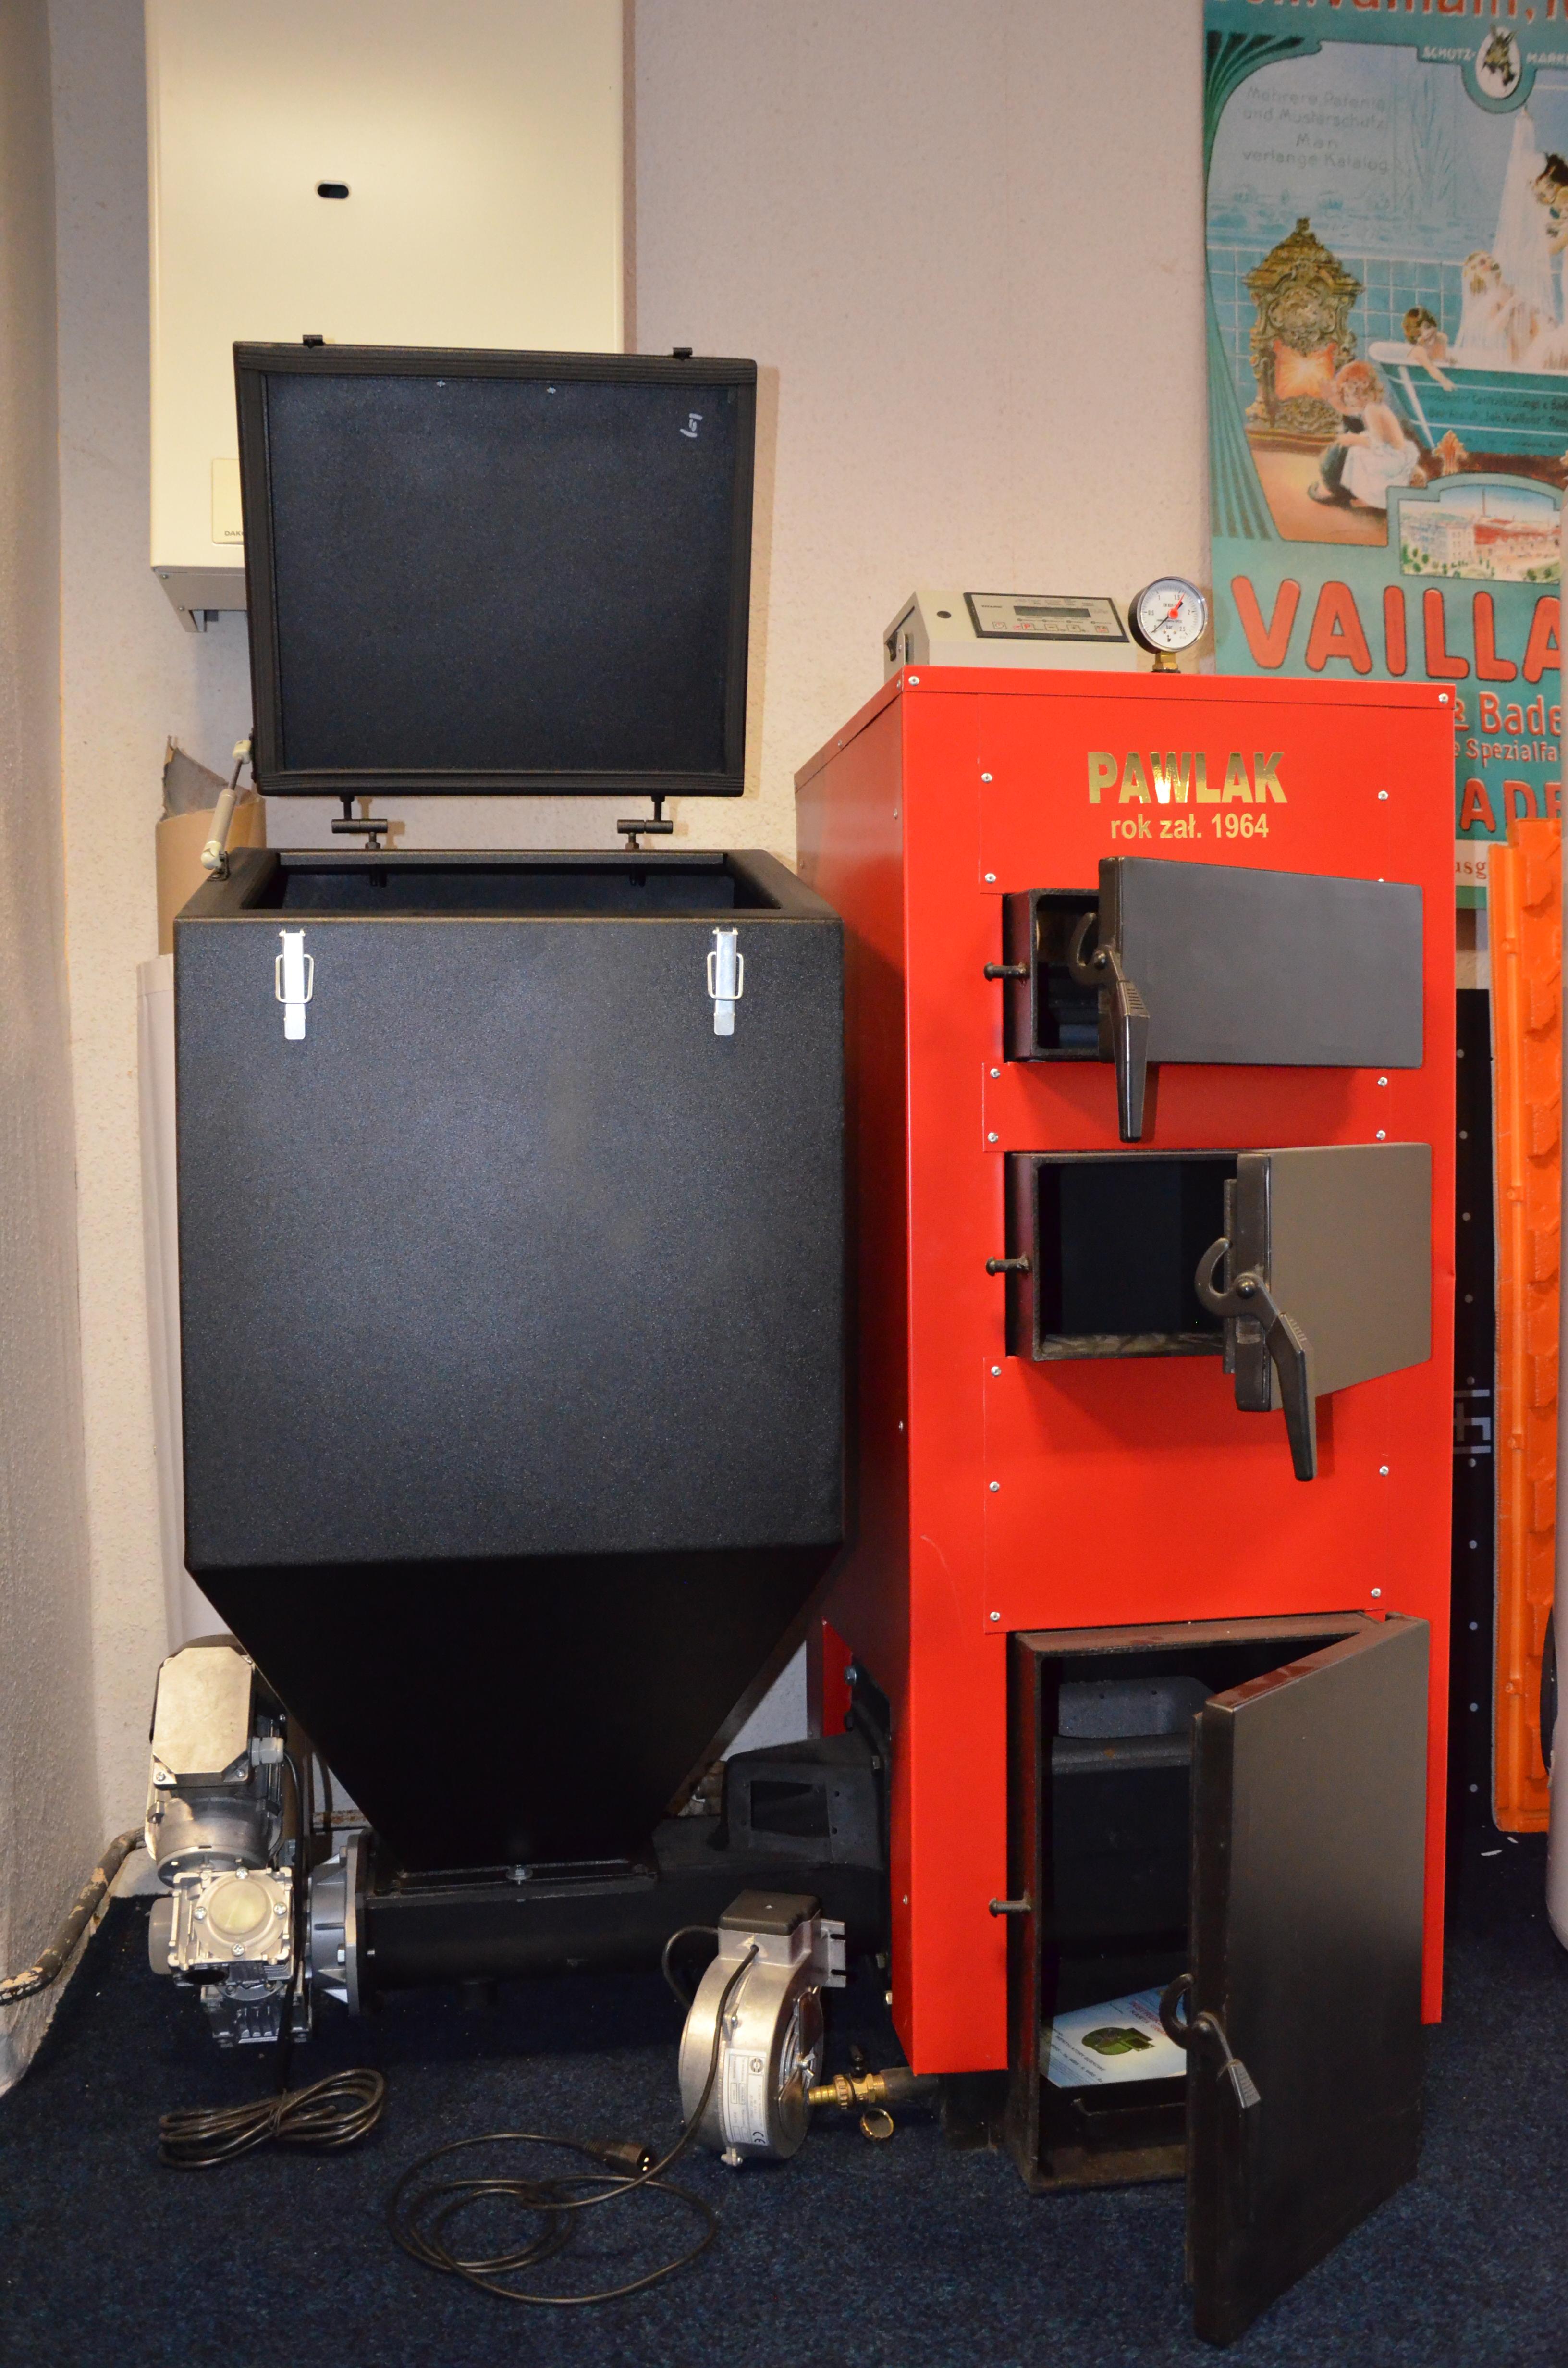 Automatický kotel PAWLAK ZKKP EKO-CLASIC 17kW cena platná při montáži naší spole